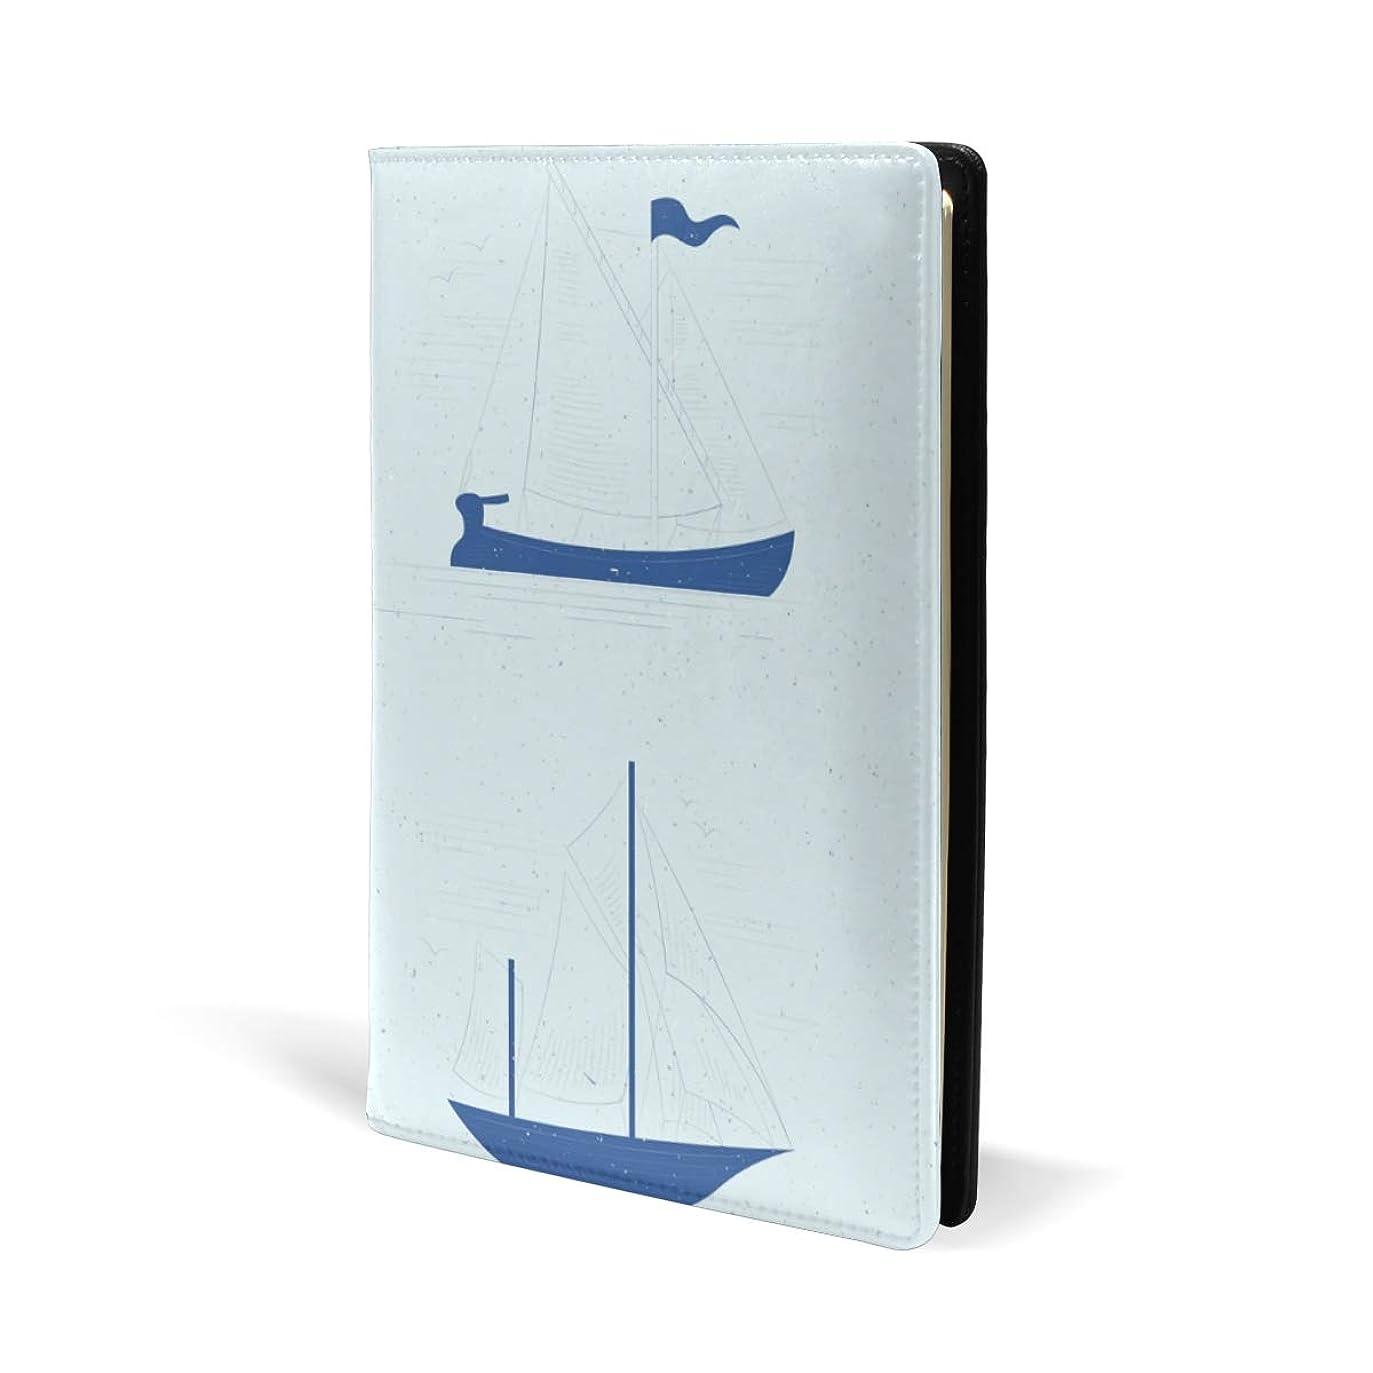 修復臨検法廷ブックカバー a5 船 きれい 航海 文庫 PUレザー ファイル オフィス用品 読書 文庫判 資料 日記 収納入れ 高級感 耐久性 雑貨 プレゼント 機能性 耐久性 軽量